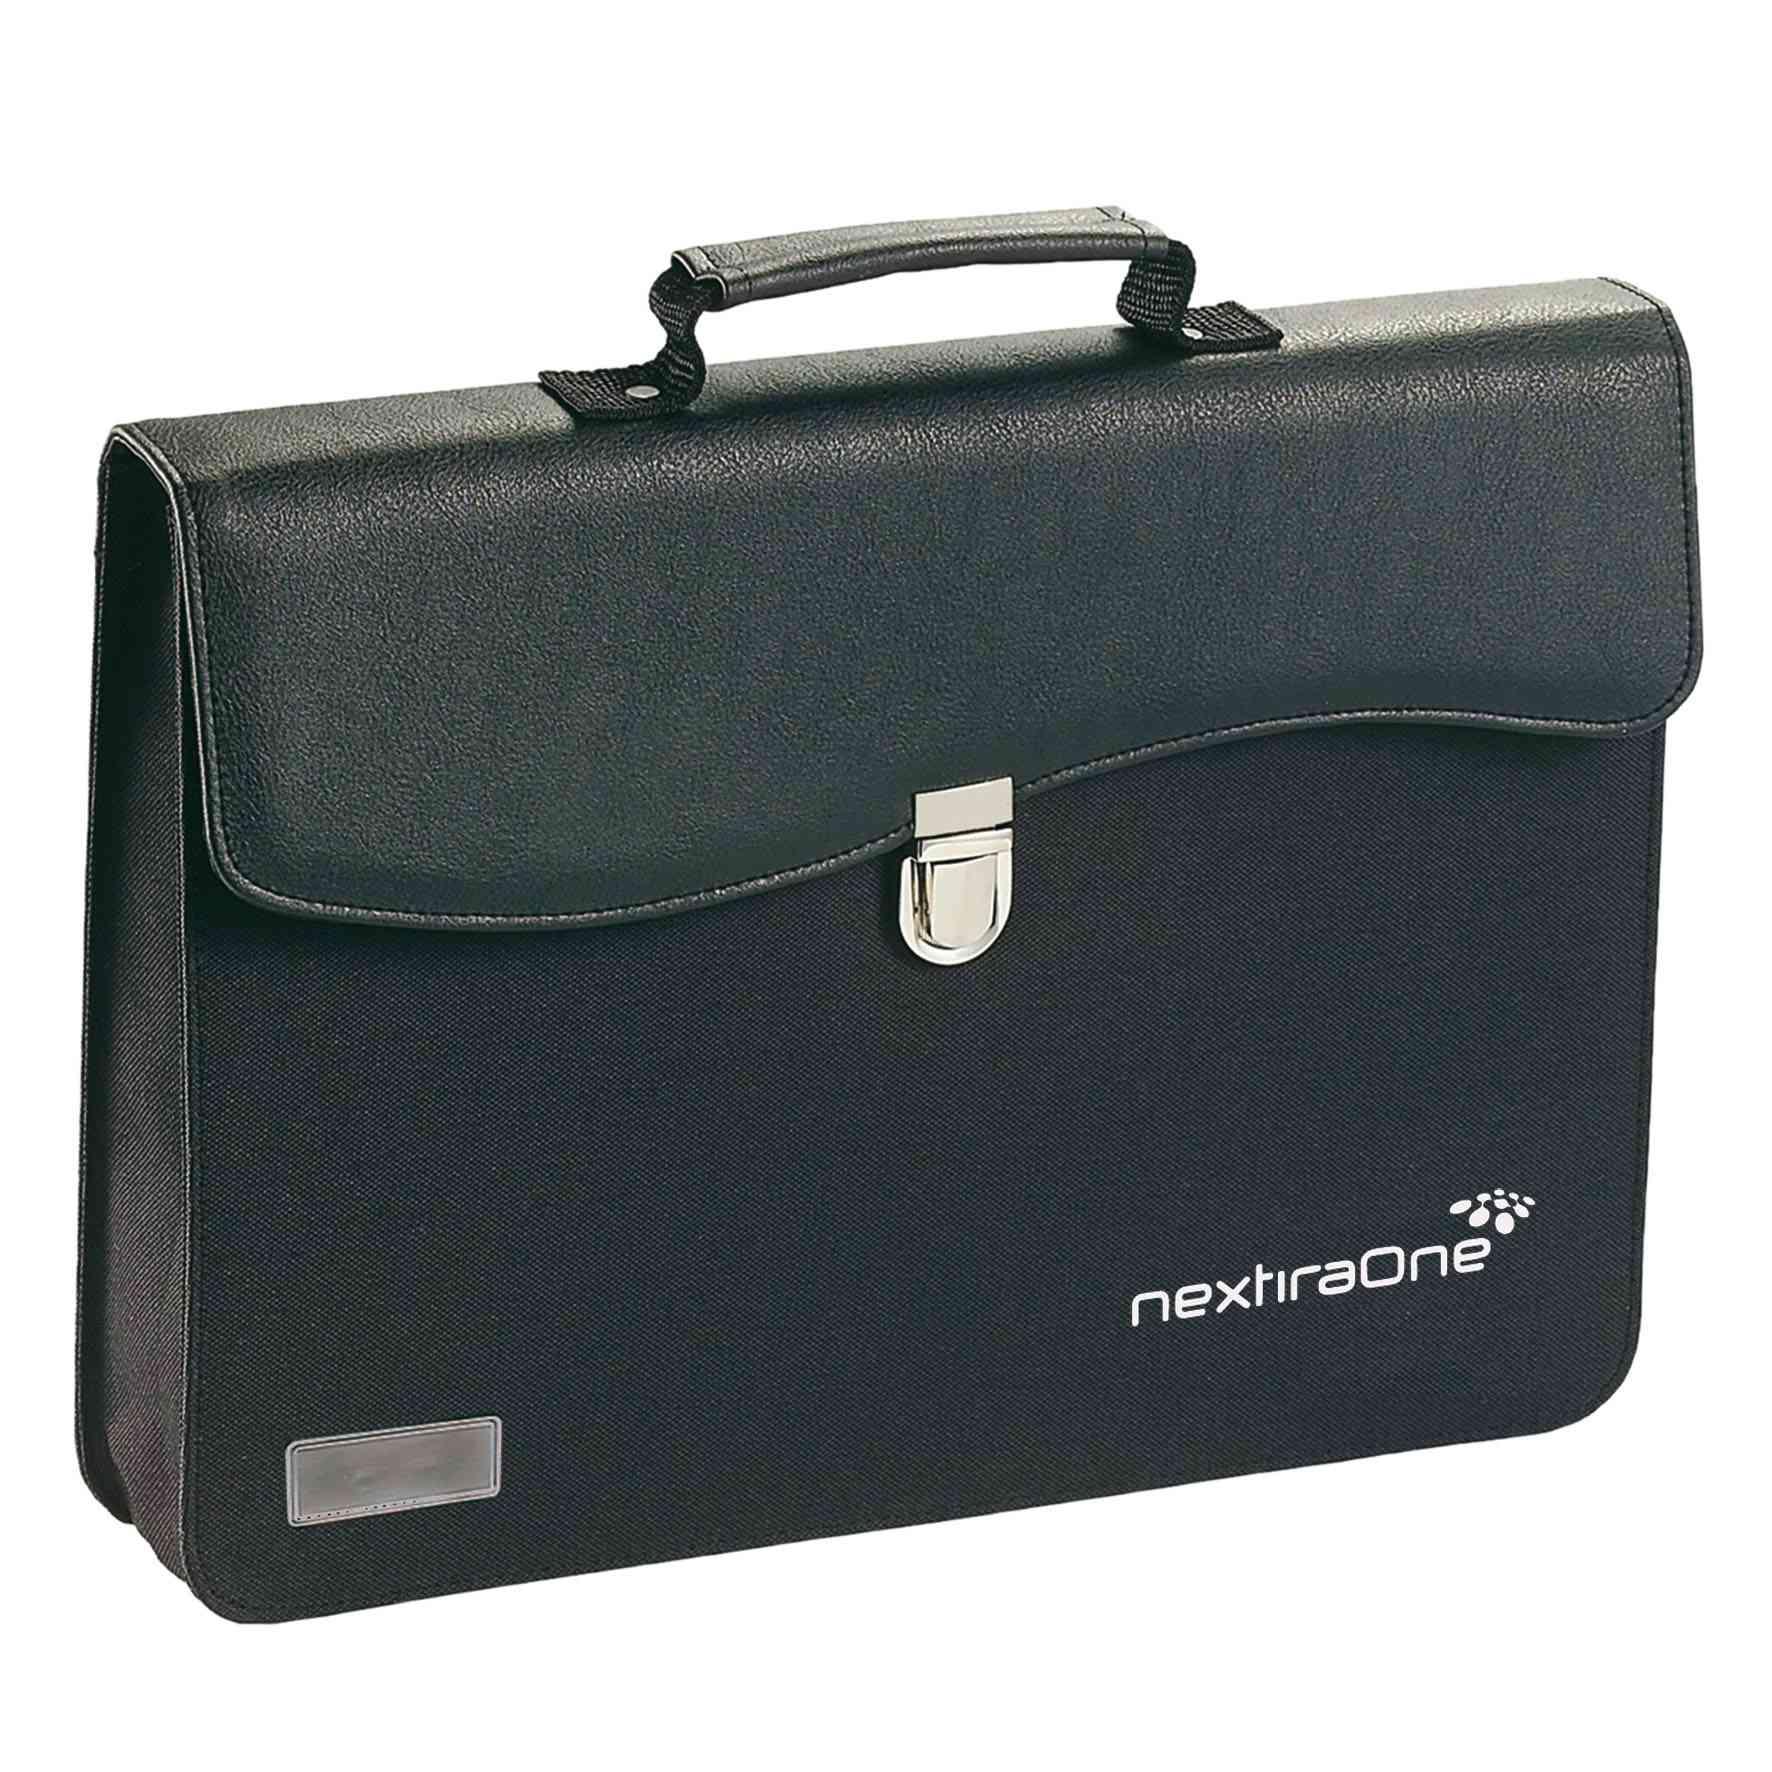 Cadeau d'entreprise - Porte-documents personnalisable Cartable